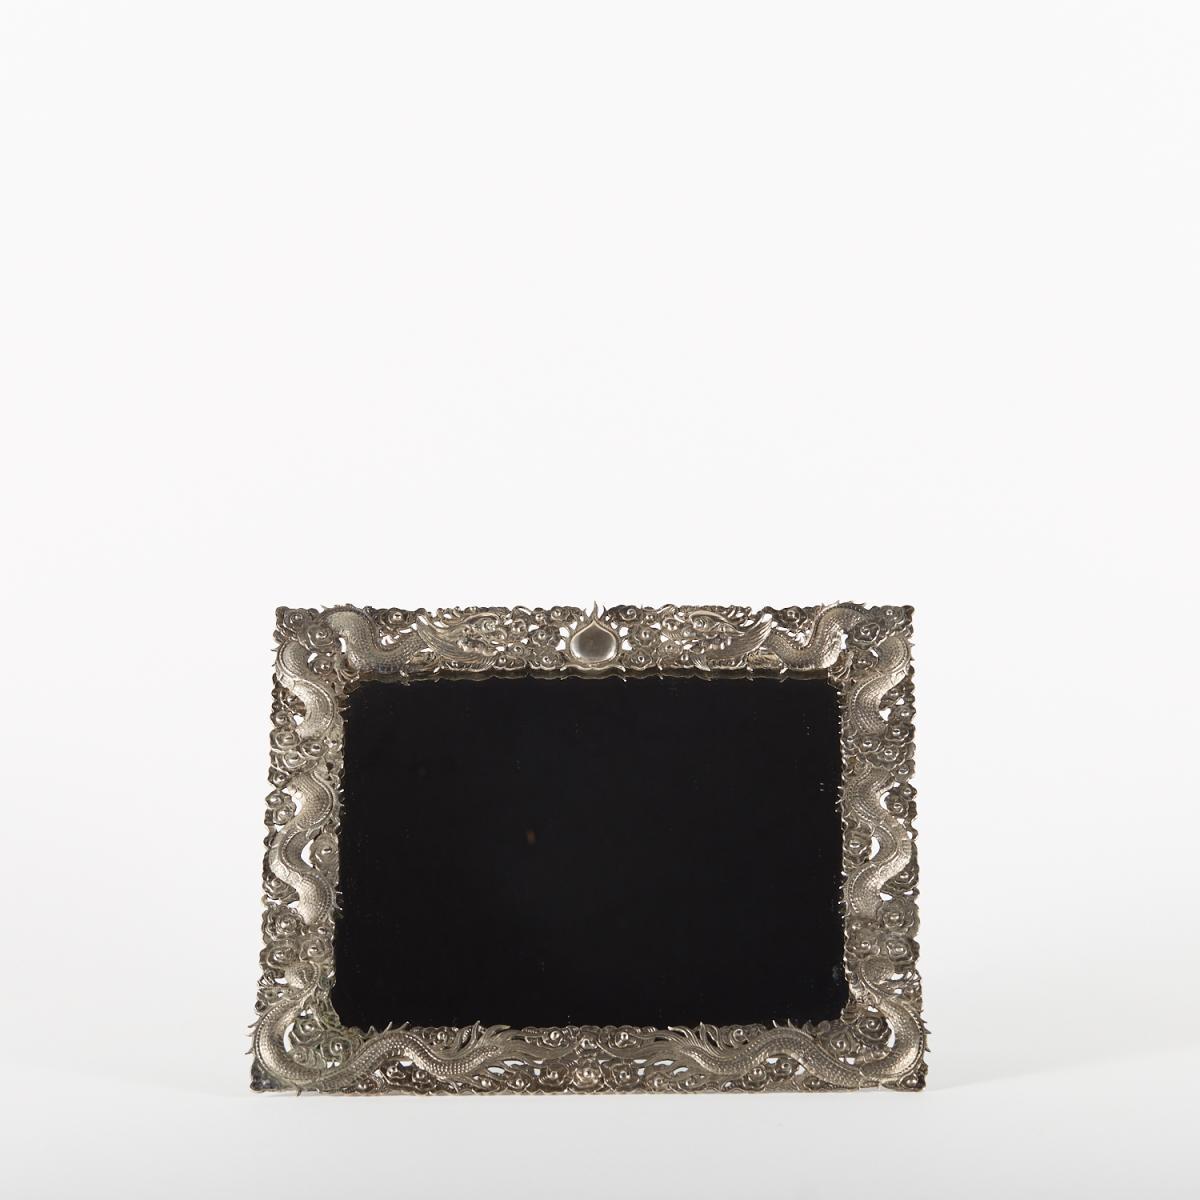 Miroir de table en argent ciselé, Chine, XIXe